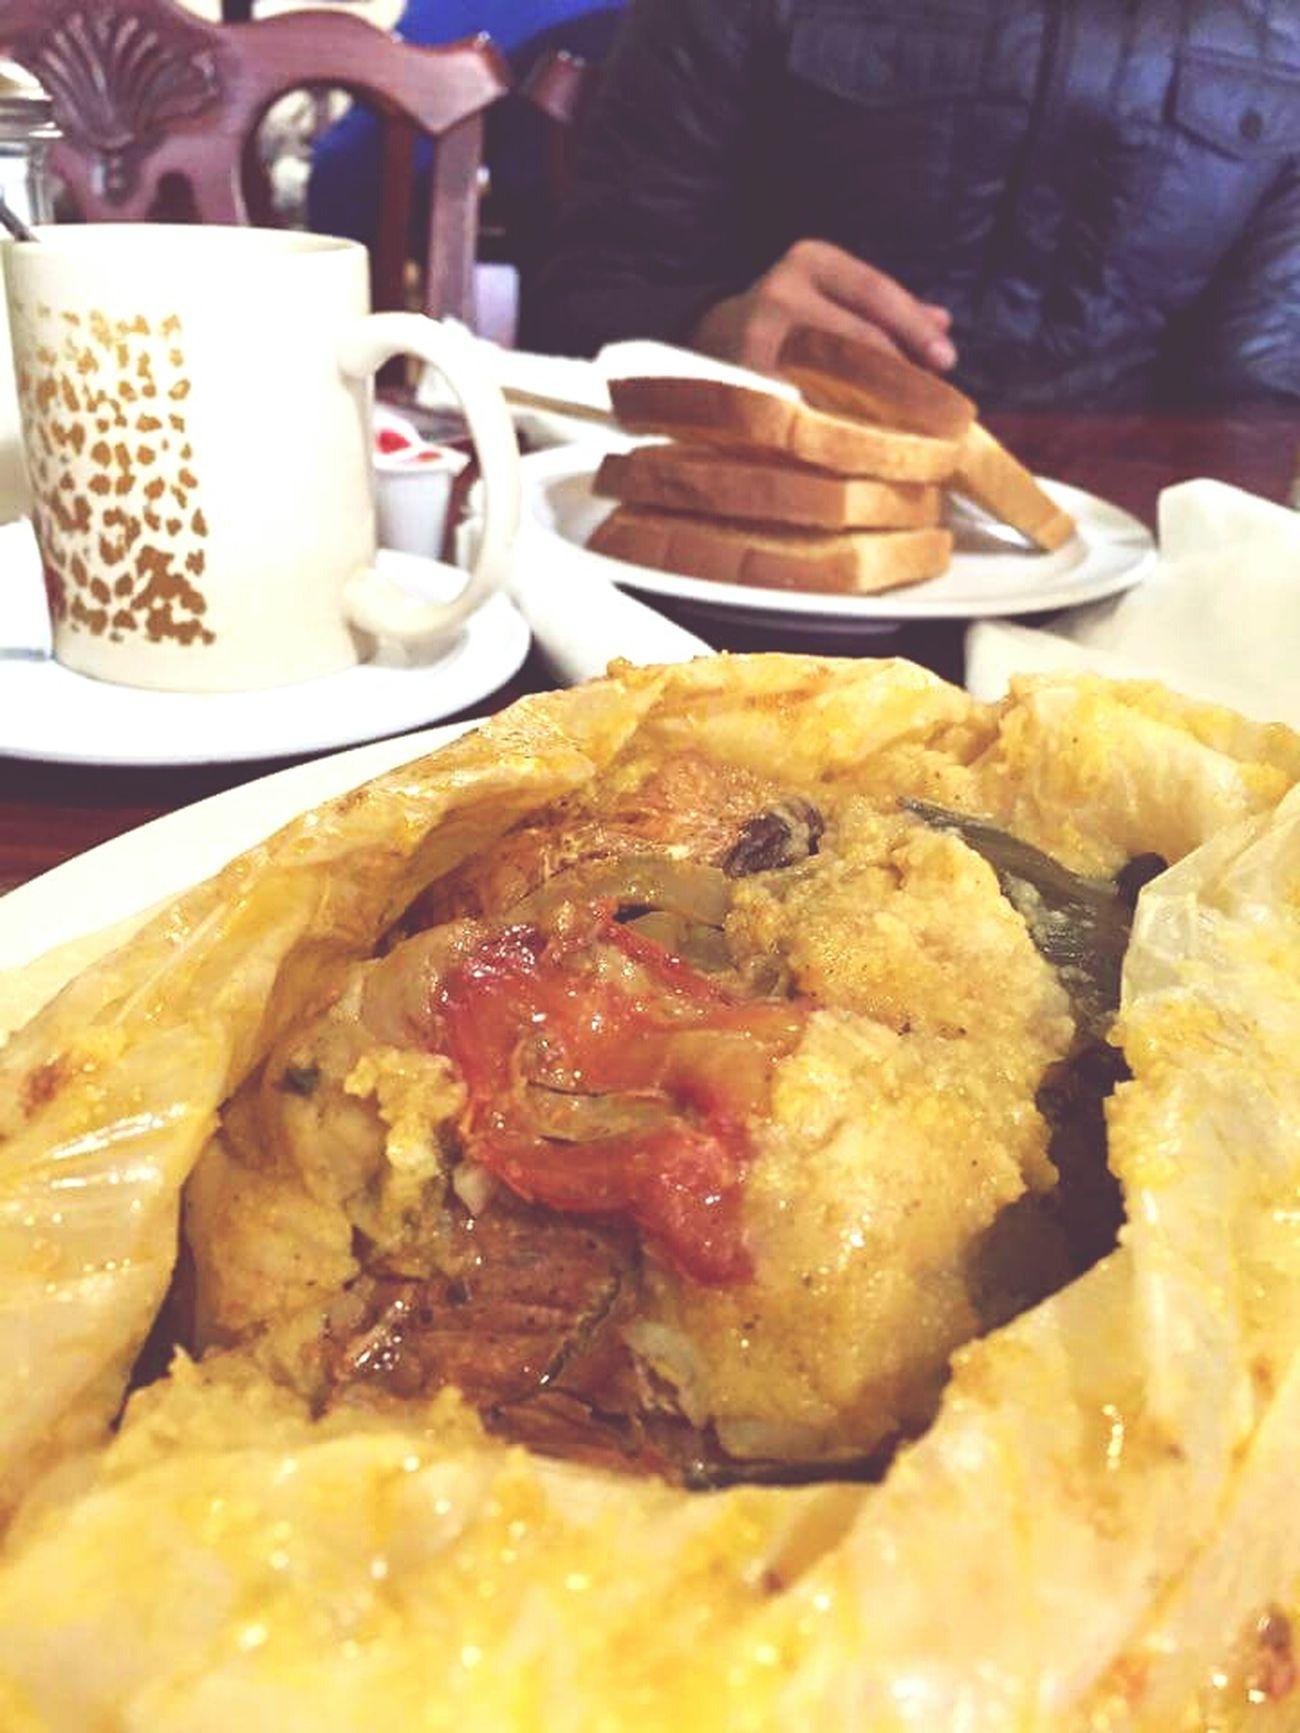 Comidas Foodphotography Nicaragua Nicaraguense ((: Enjoying Life Masaya Nicaraguense Granada Enjoying A Meal